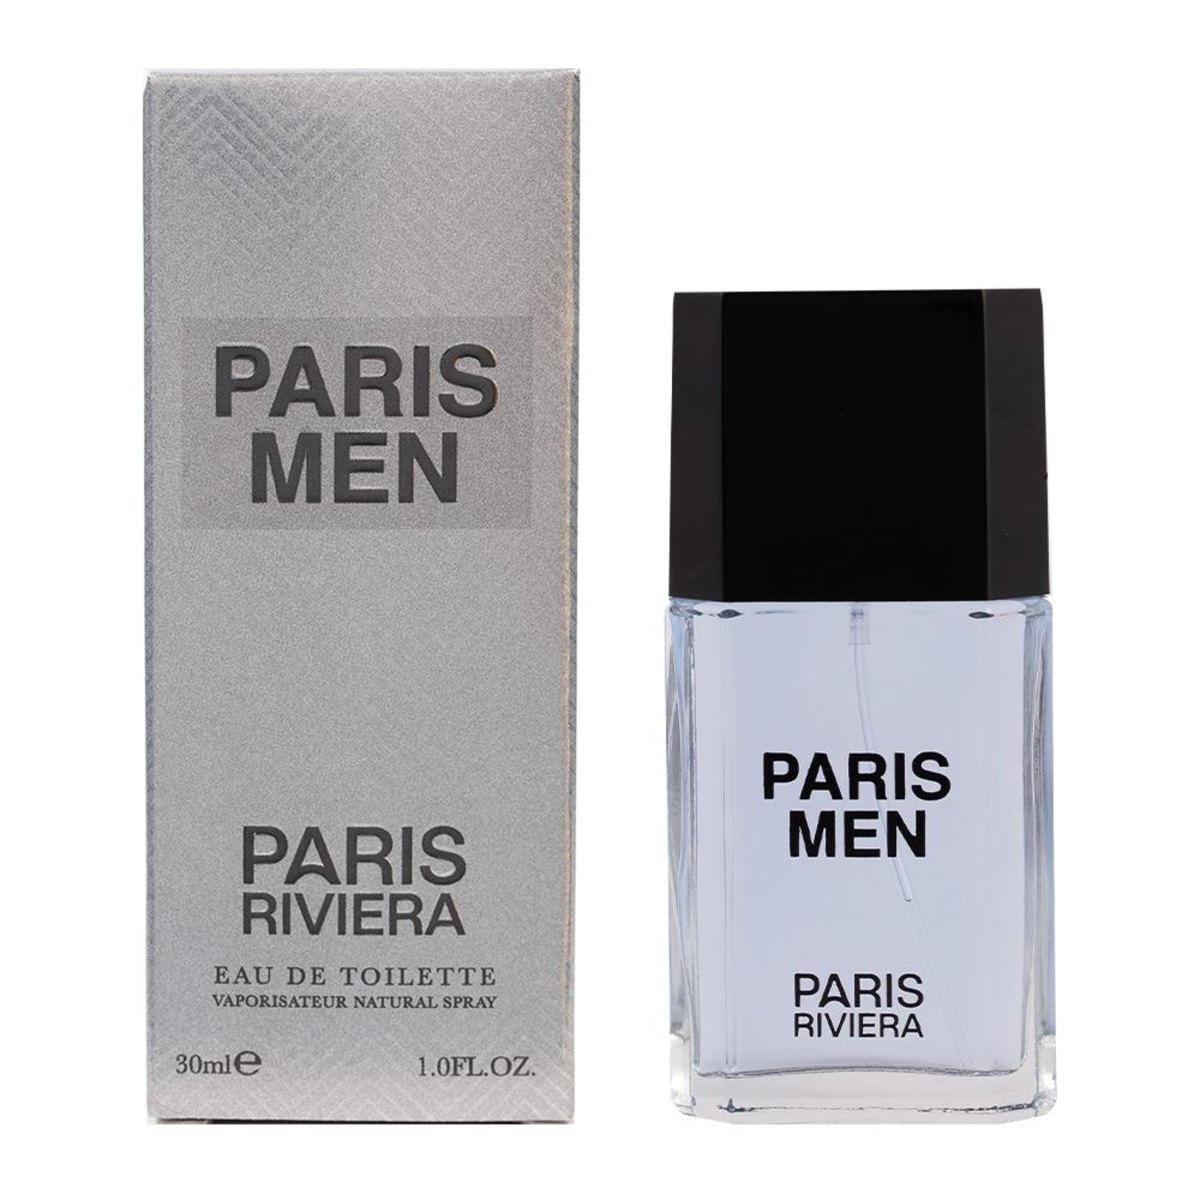 Paris Men  Paris Riviera Eau de Toilette Masculino 30 ml